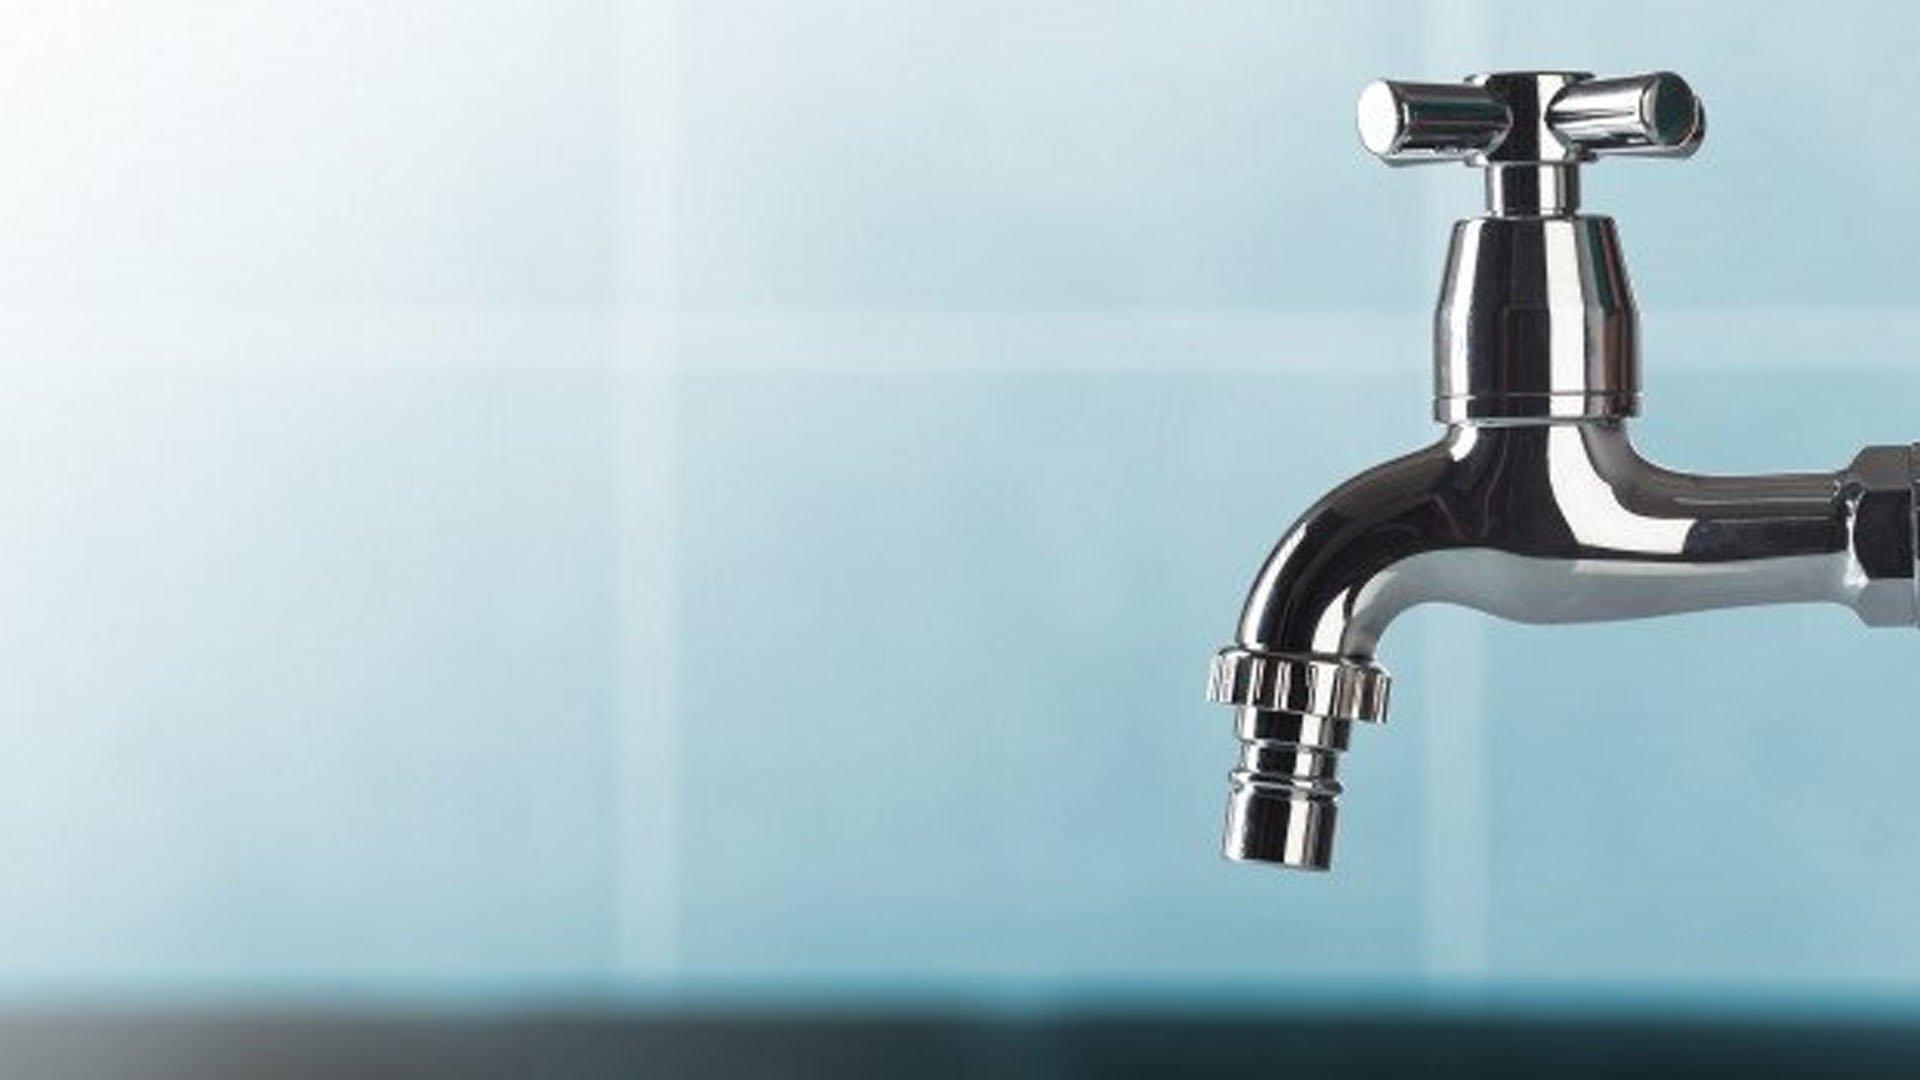 Da pra beber essa água? Um guia Hidrofiltros sobre a água própria para consumo.